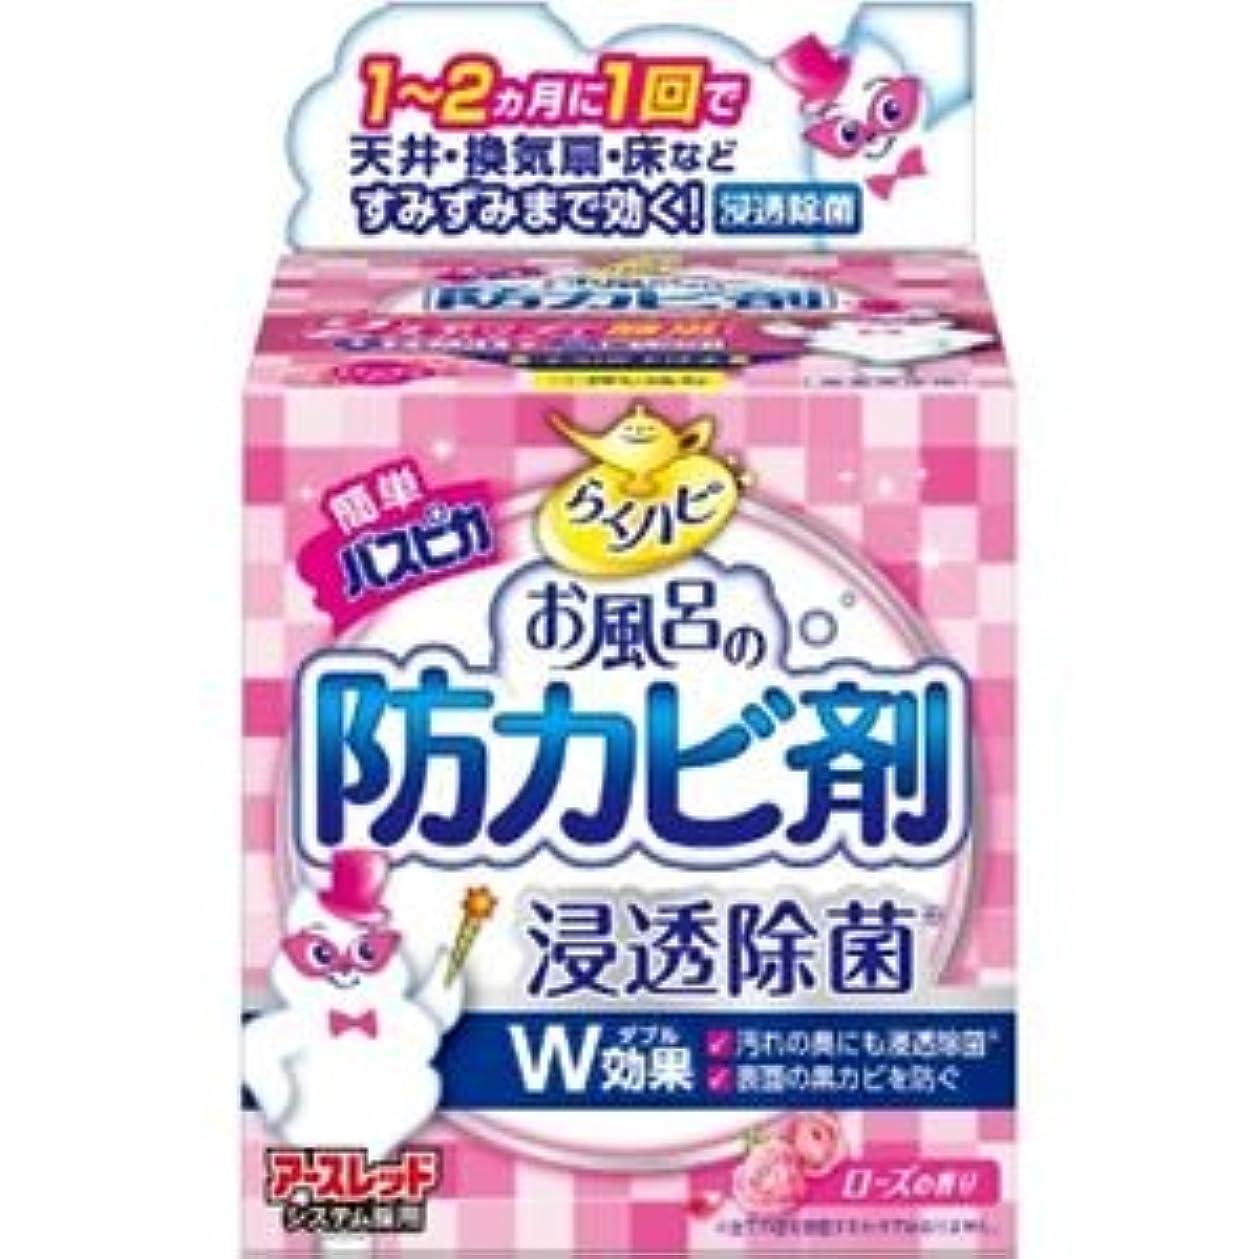 一時停止奇跡前兆(まとめ)アース製薬 らくハピお風呂の防カビ剤ローズの香り 【×3点セット】